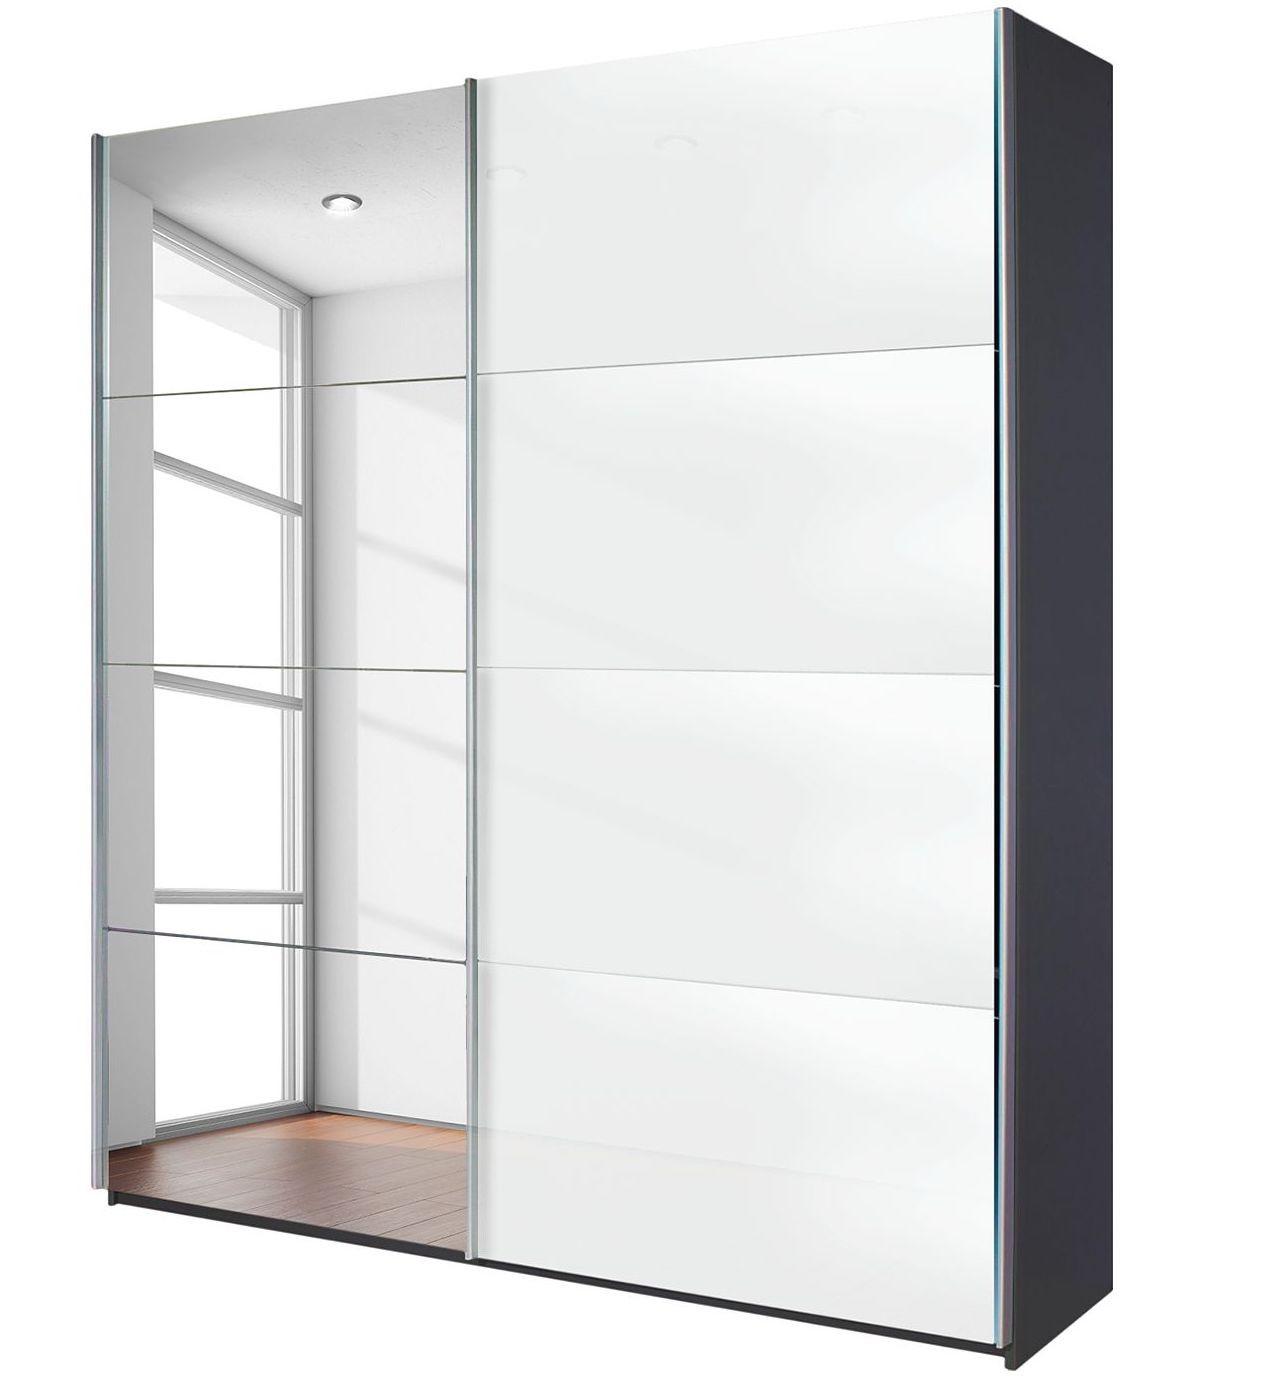 Armoire design 2 portes coulissantes verre teint blanc et miroir et gris anthracite luxia for Miroir teinte design